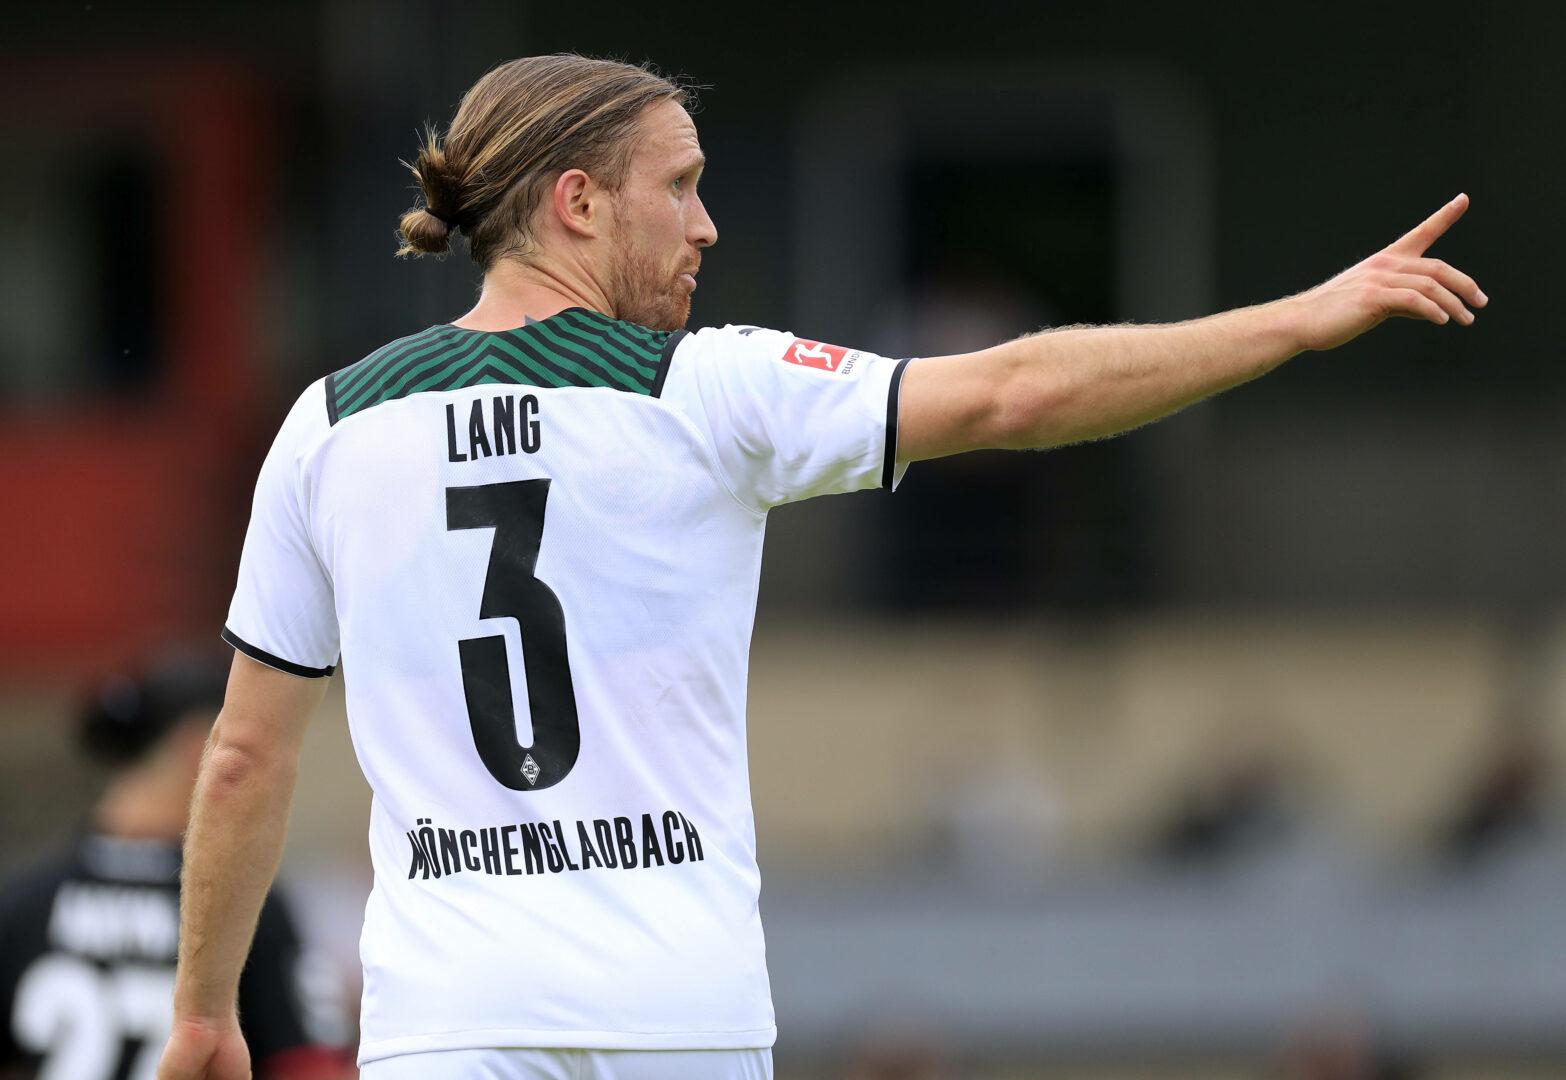 Gladbach-Verteidiger Lang kehrt zum FC Basel zurück